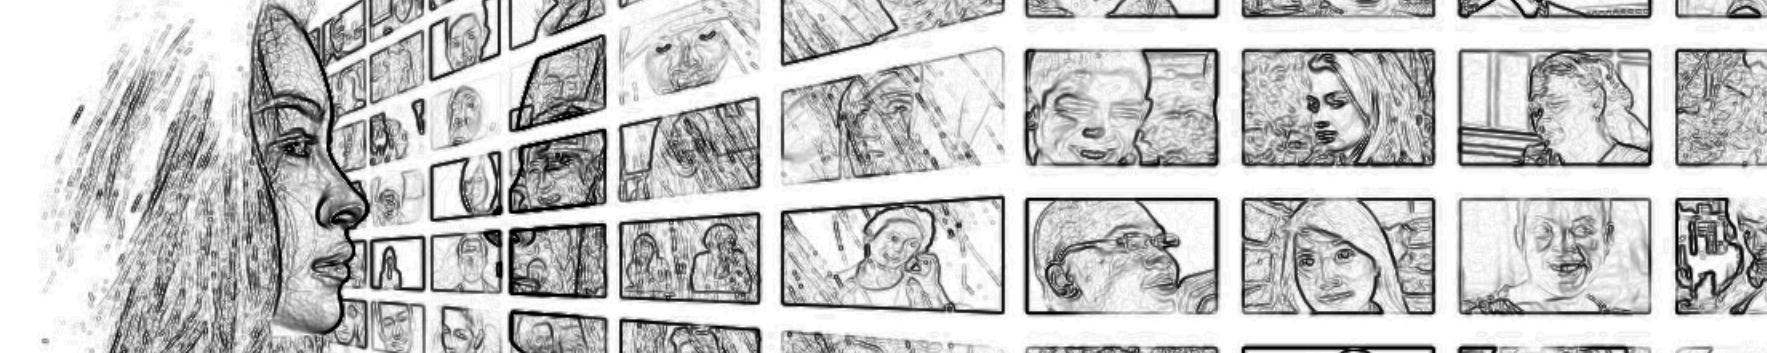 Wand mit Gesichtern. Soziale Netzwerke.